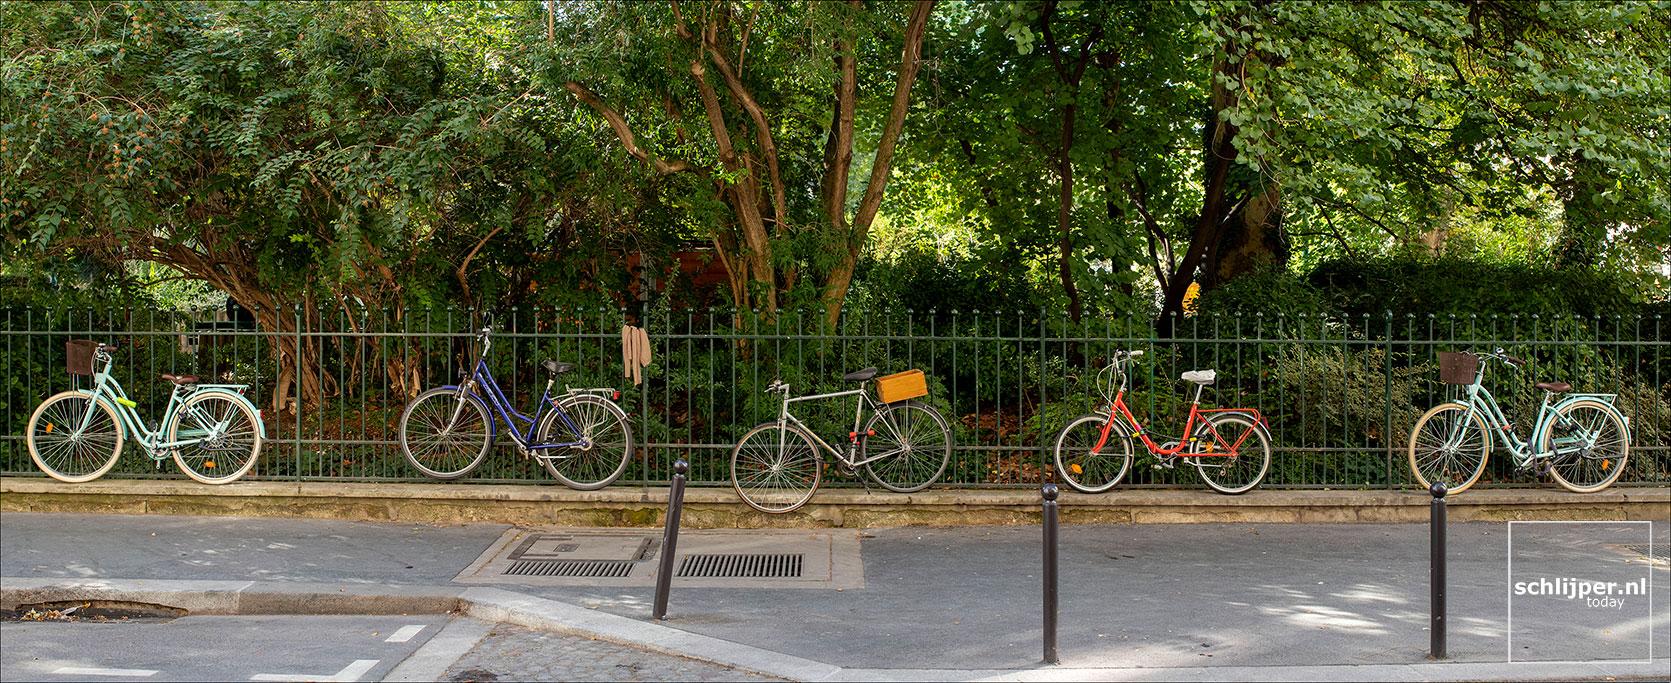 Frankrijk, Parijs, 21 juli 2020